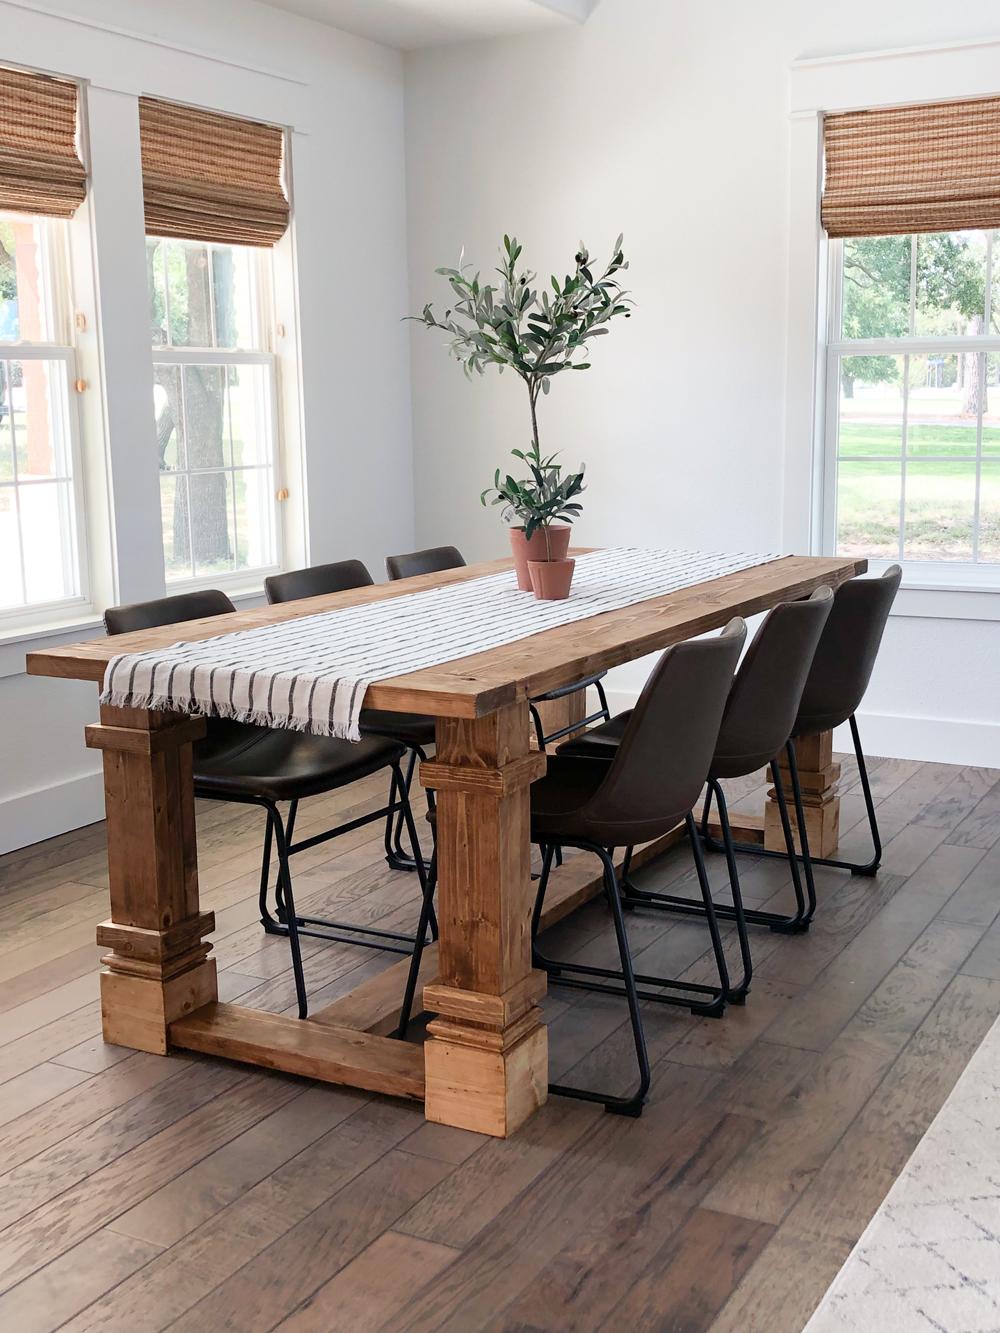 Diy Modern Farmhouse Dining Table For, Modern Farmhouse Dining Room